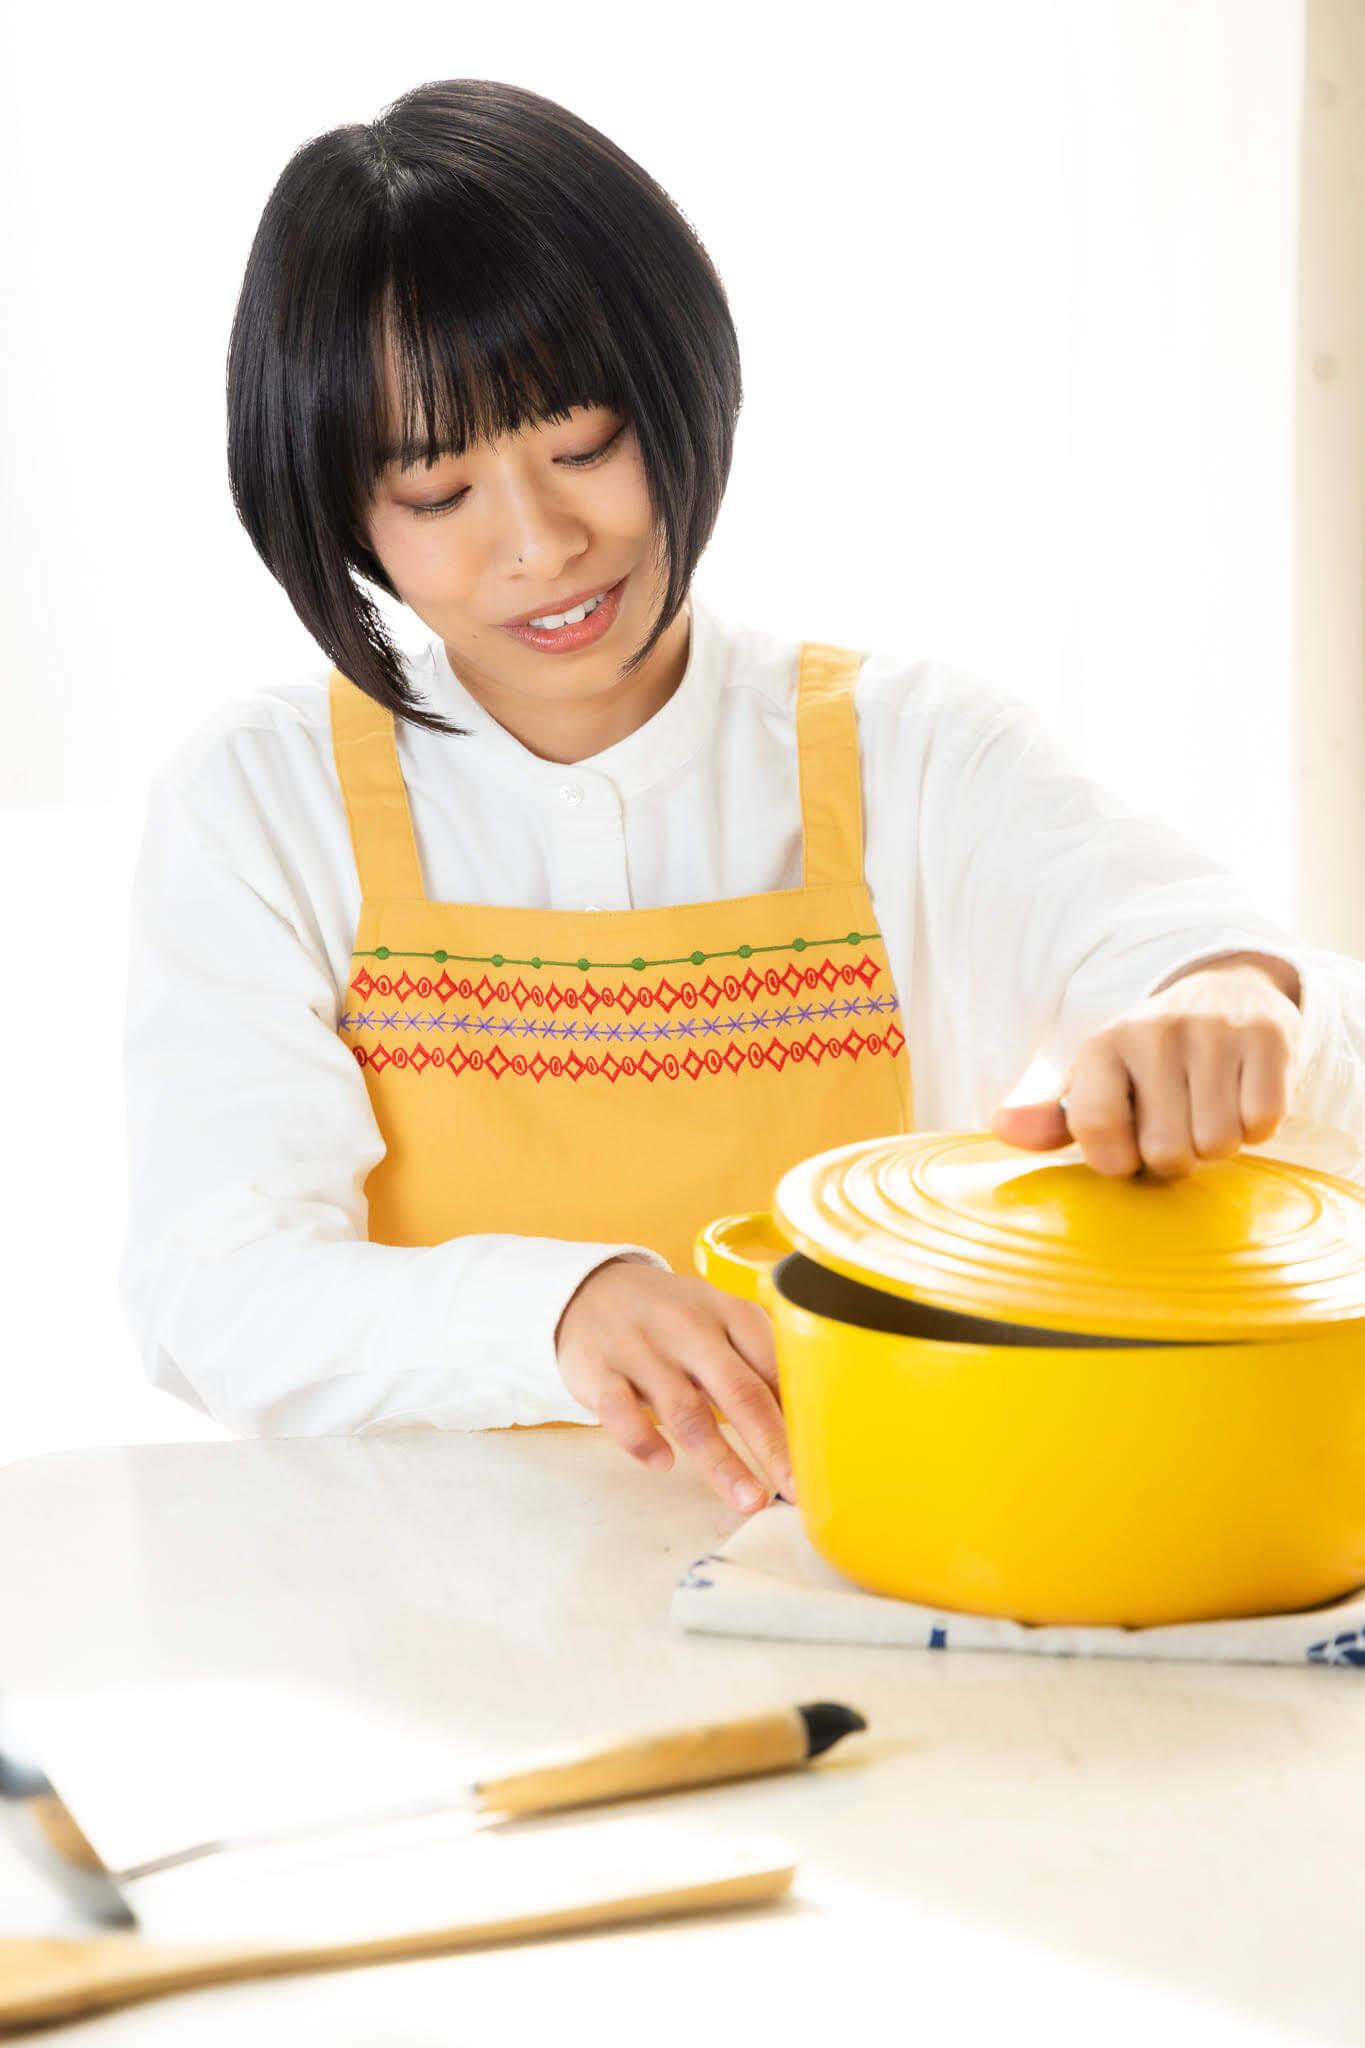 小野久実|管理栄養士|小学生アスリート食インストラクター